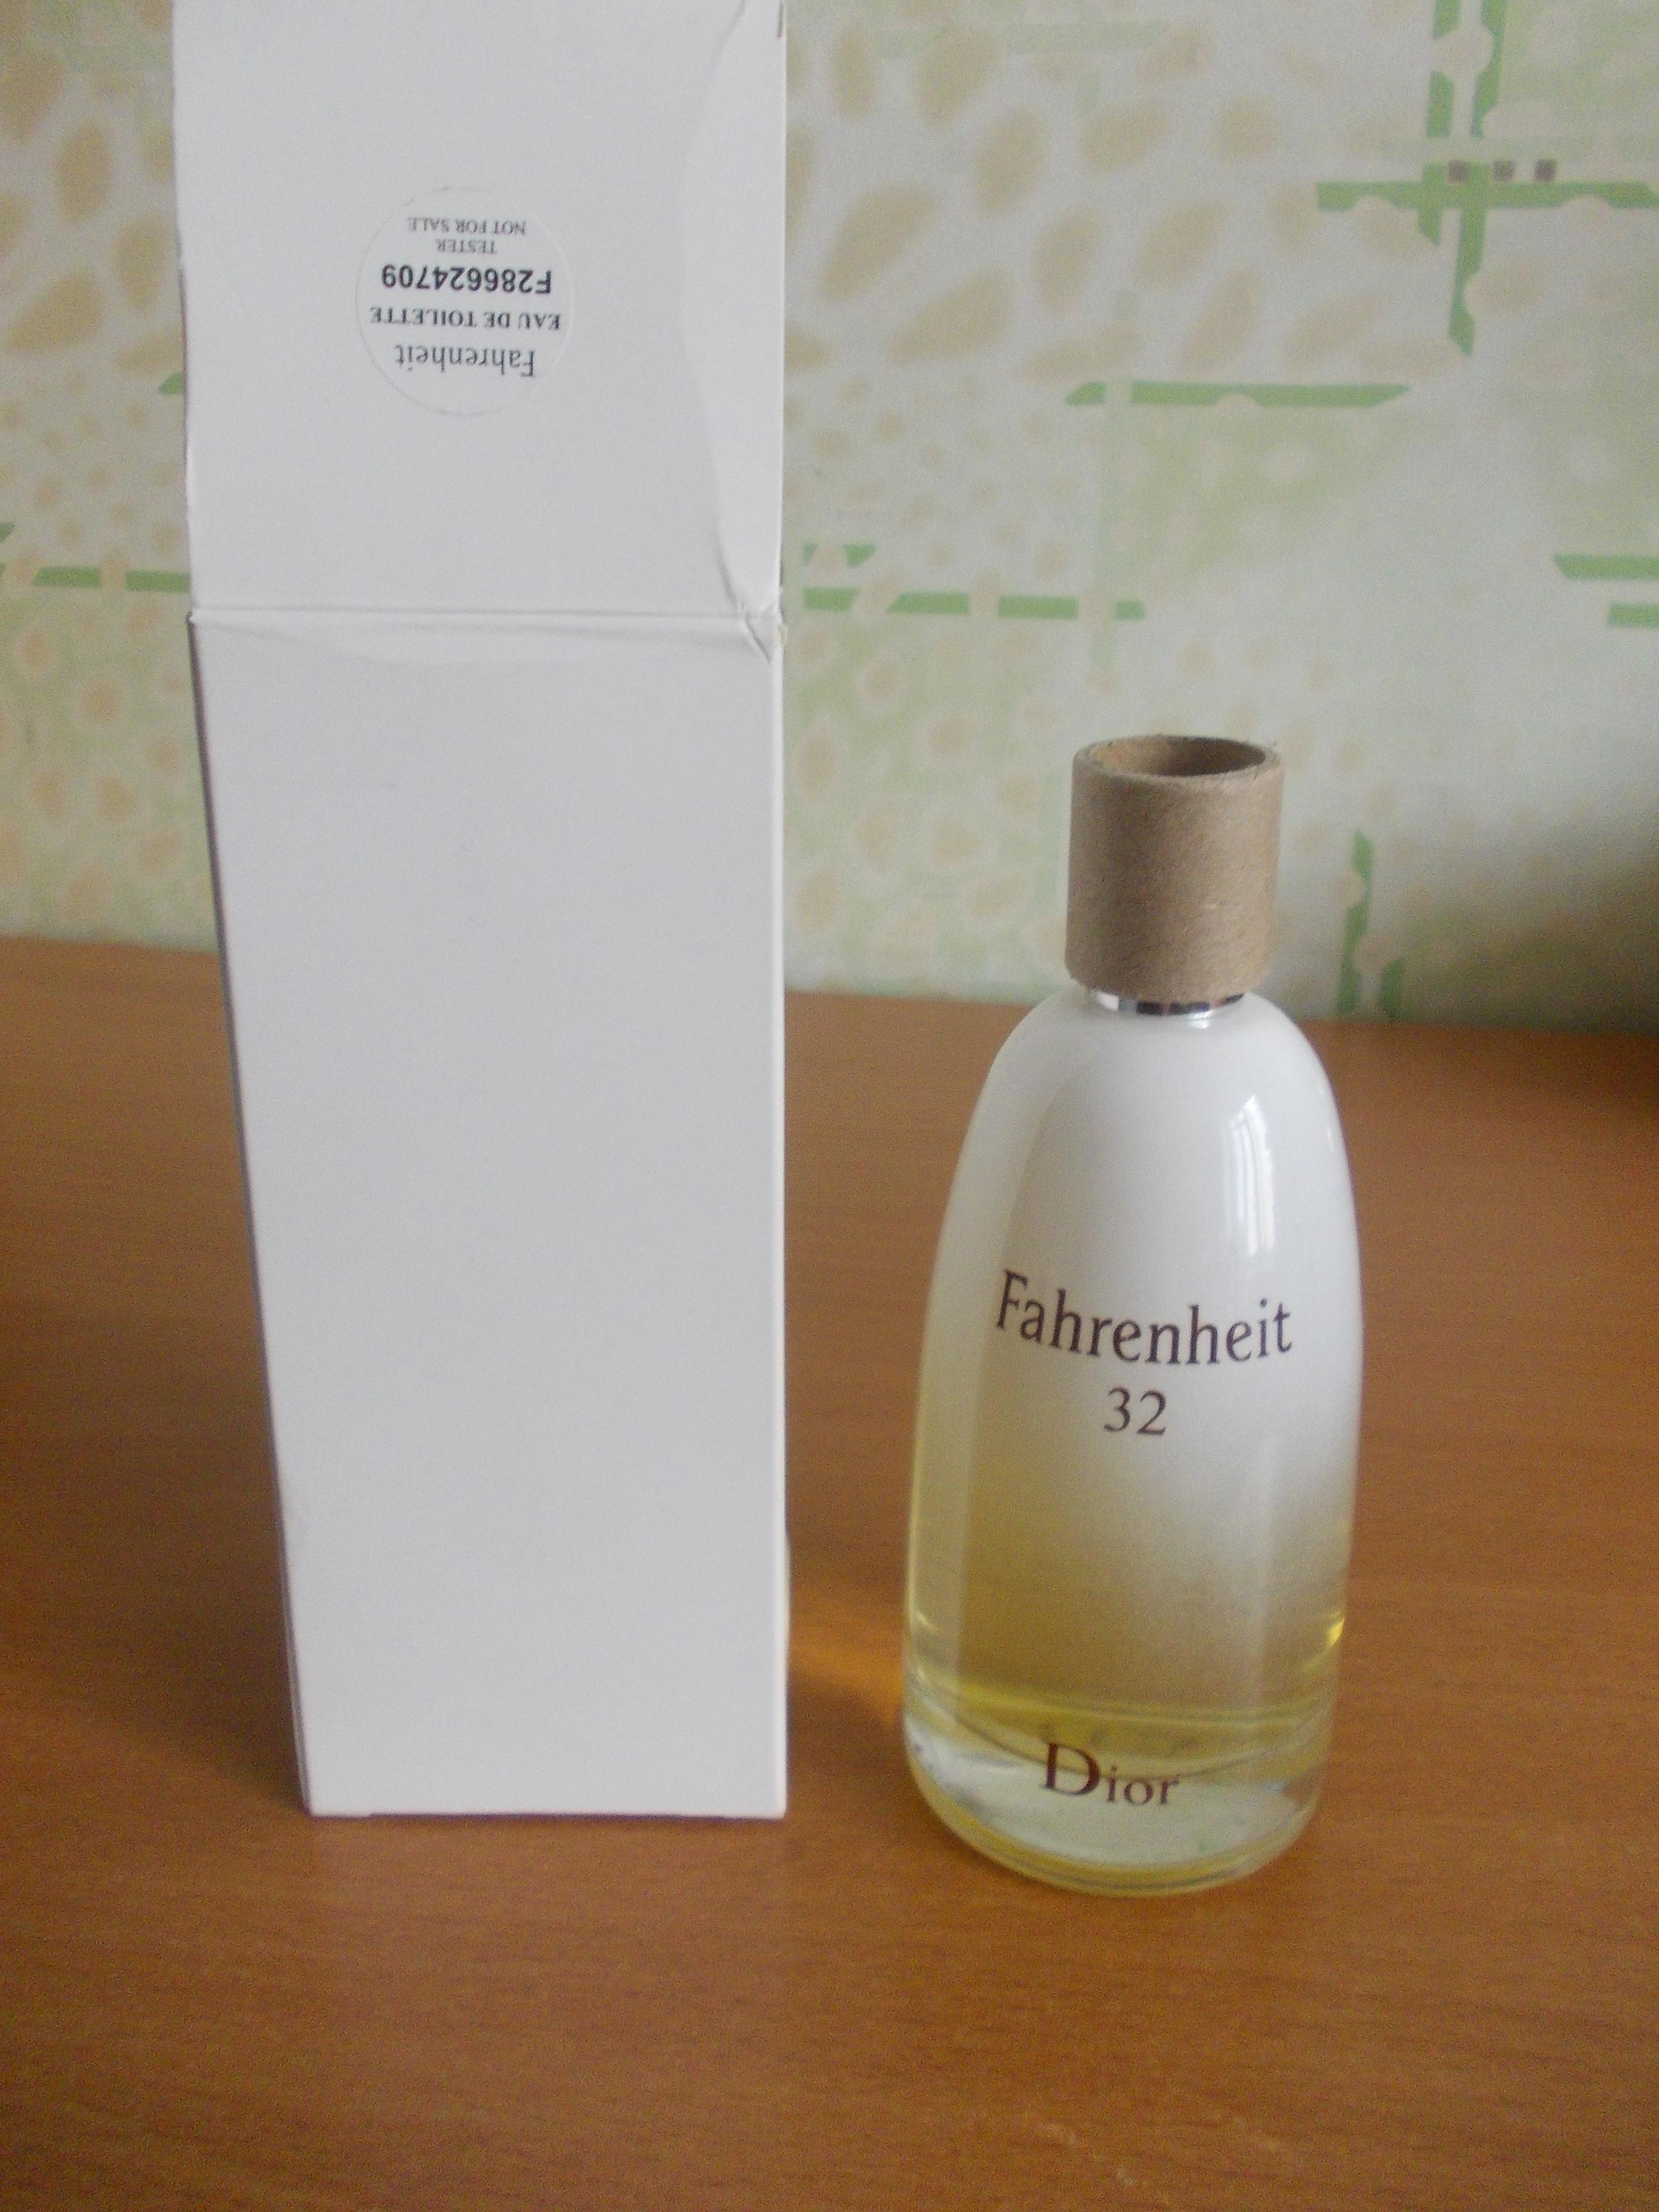 Fahrenheit 32 Dior тестер 100мл парфюмерия в красноярске